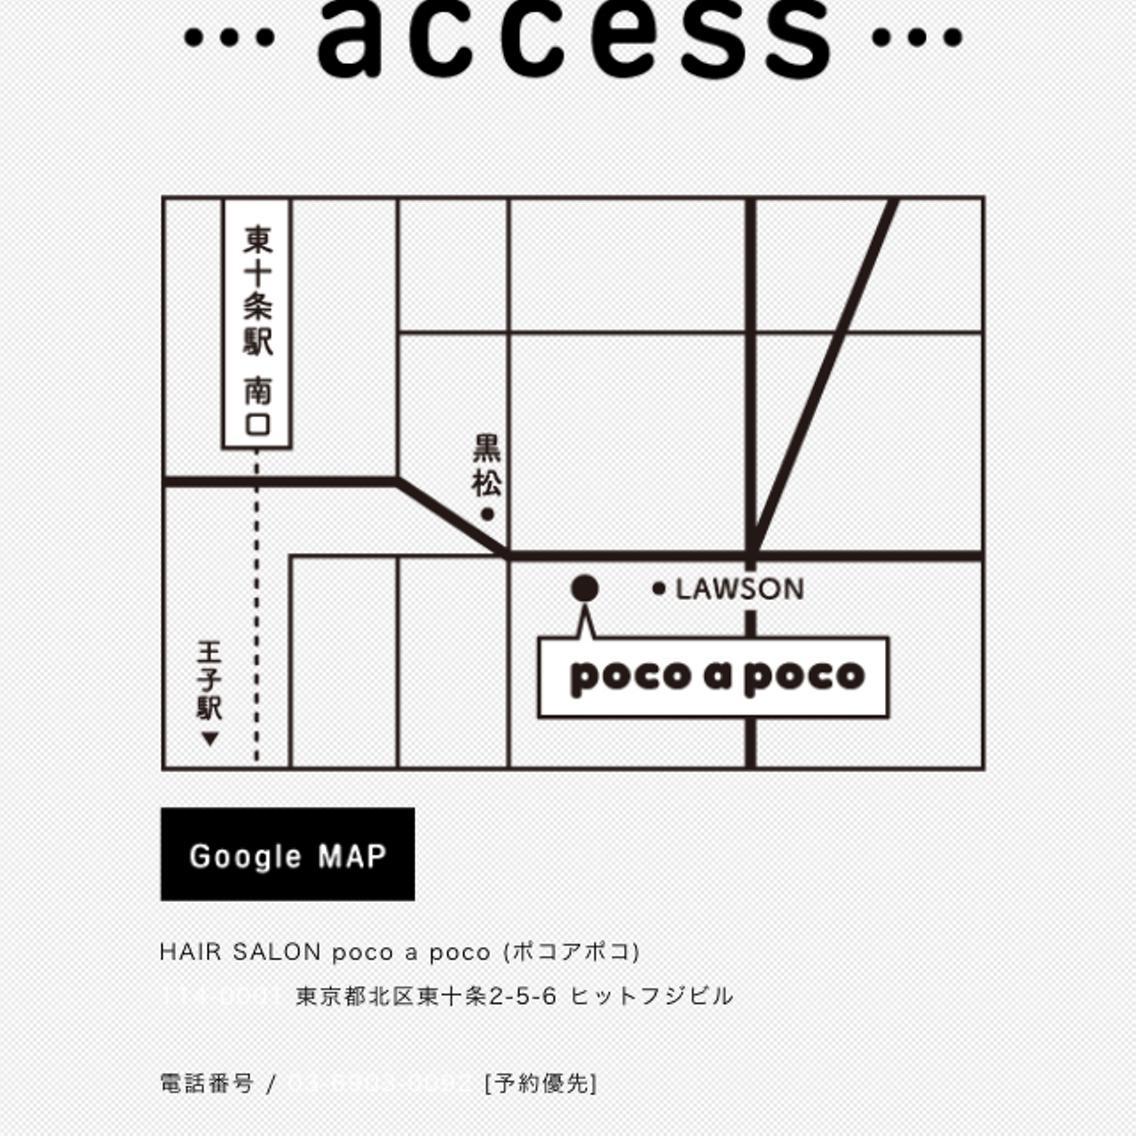 ★初回限定★カット無料★カラー1300円★